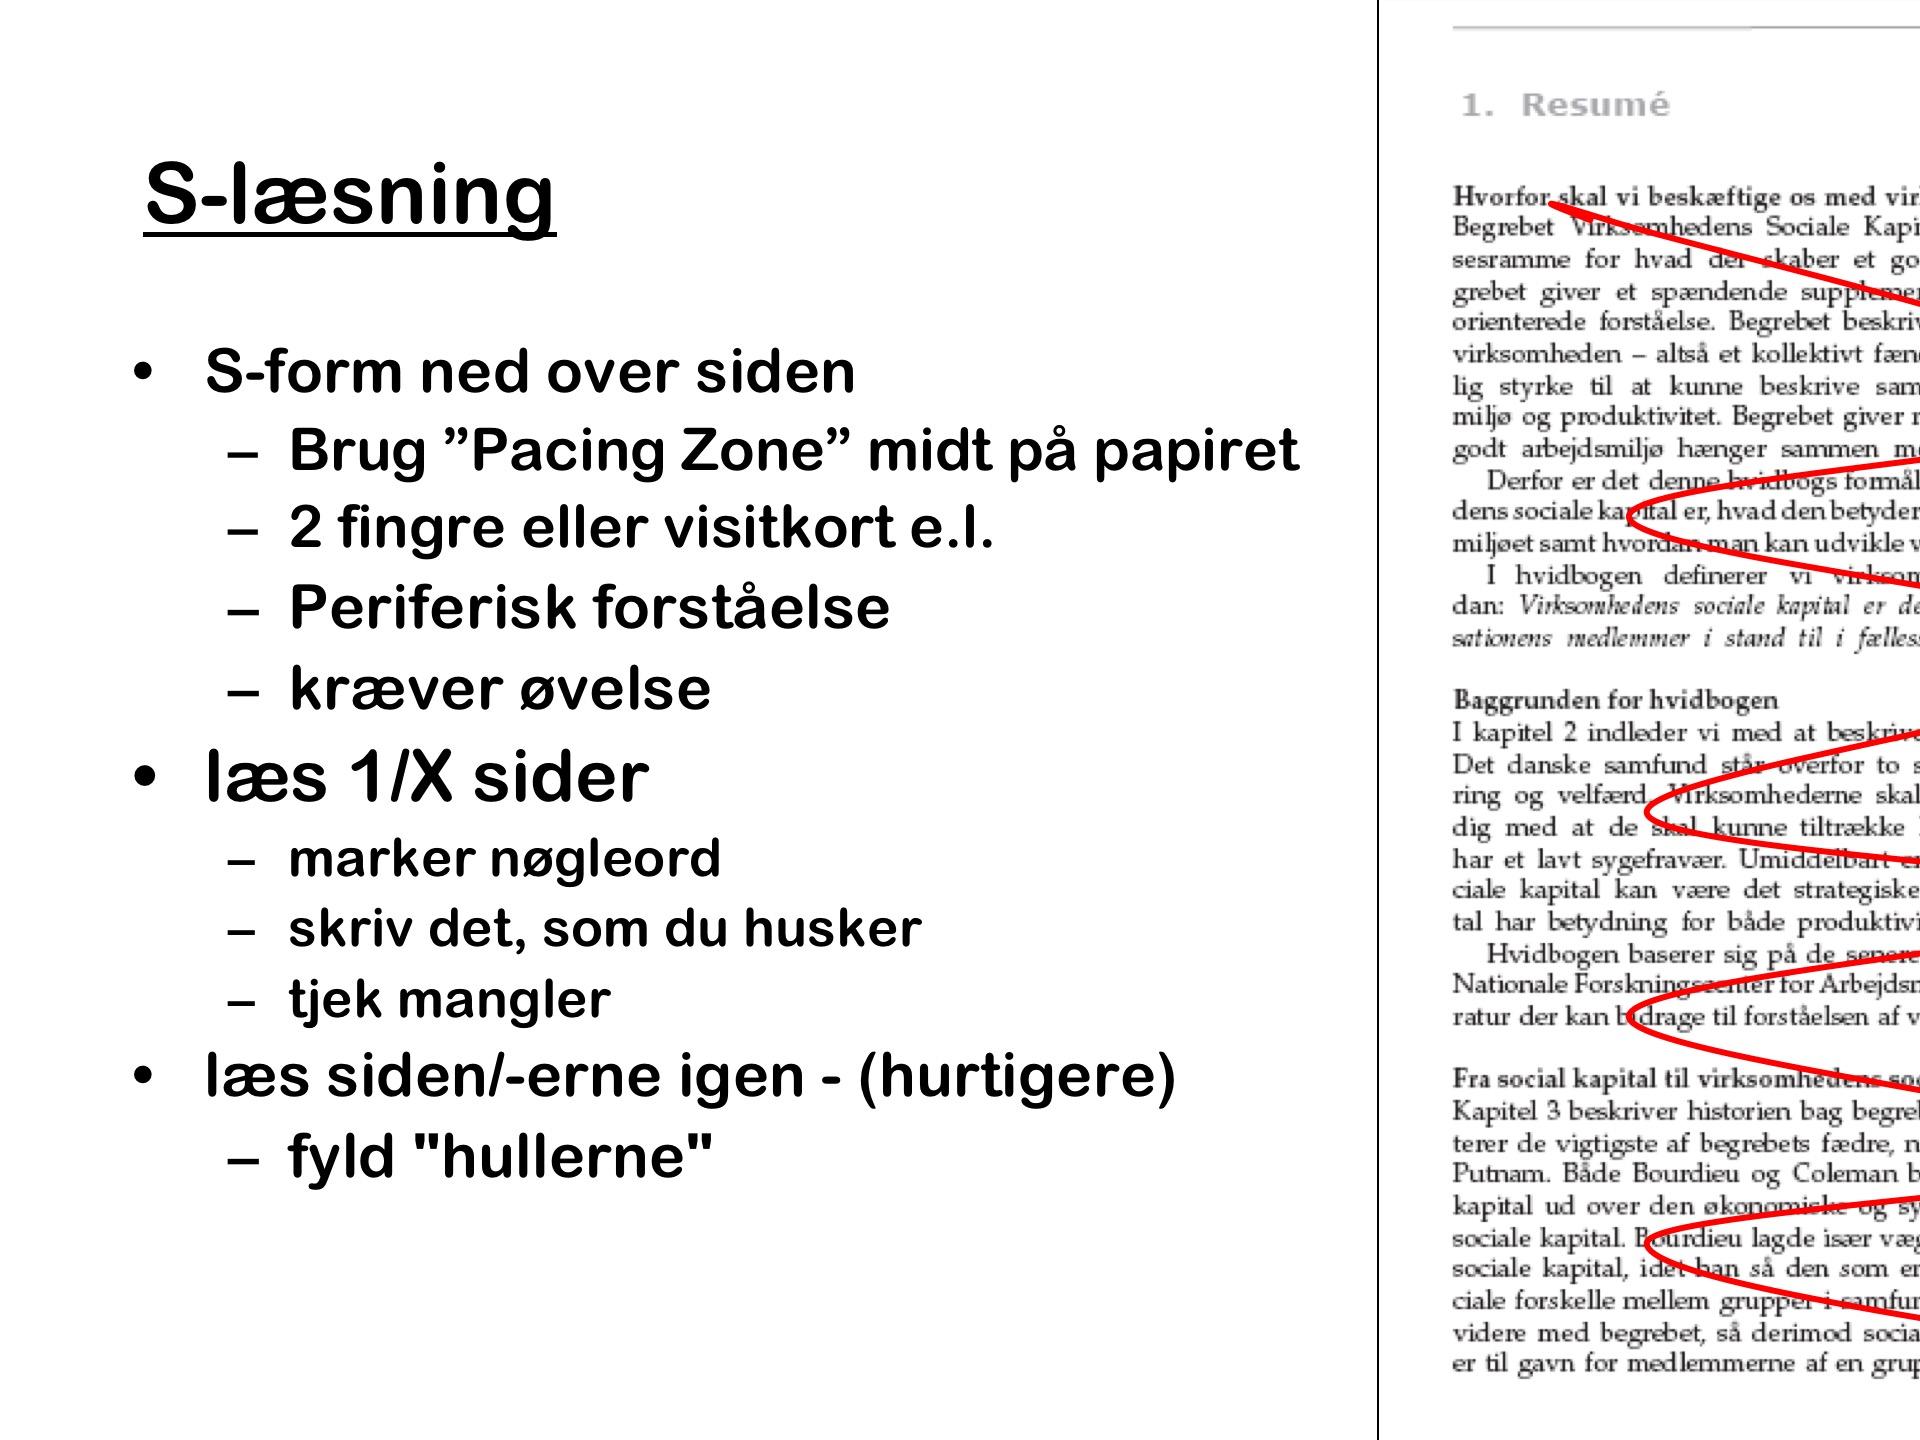 S-læsning - en eller flere sider af gangen